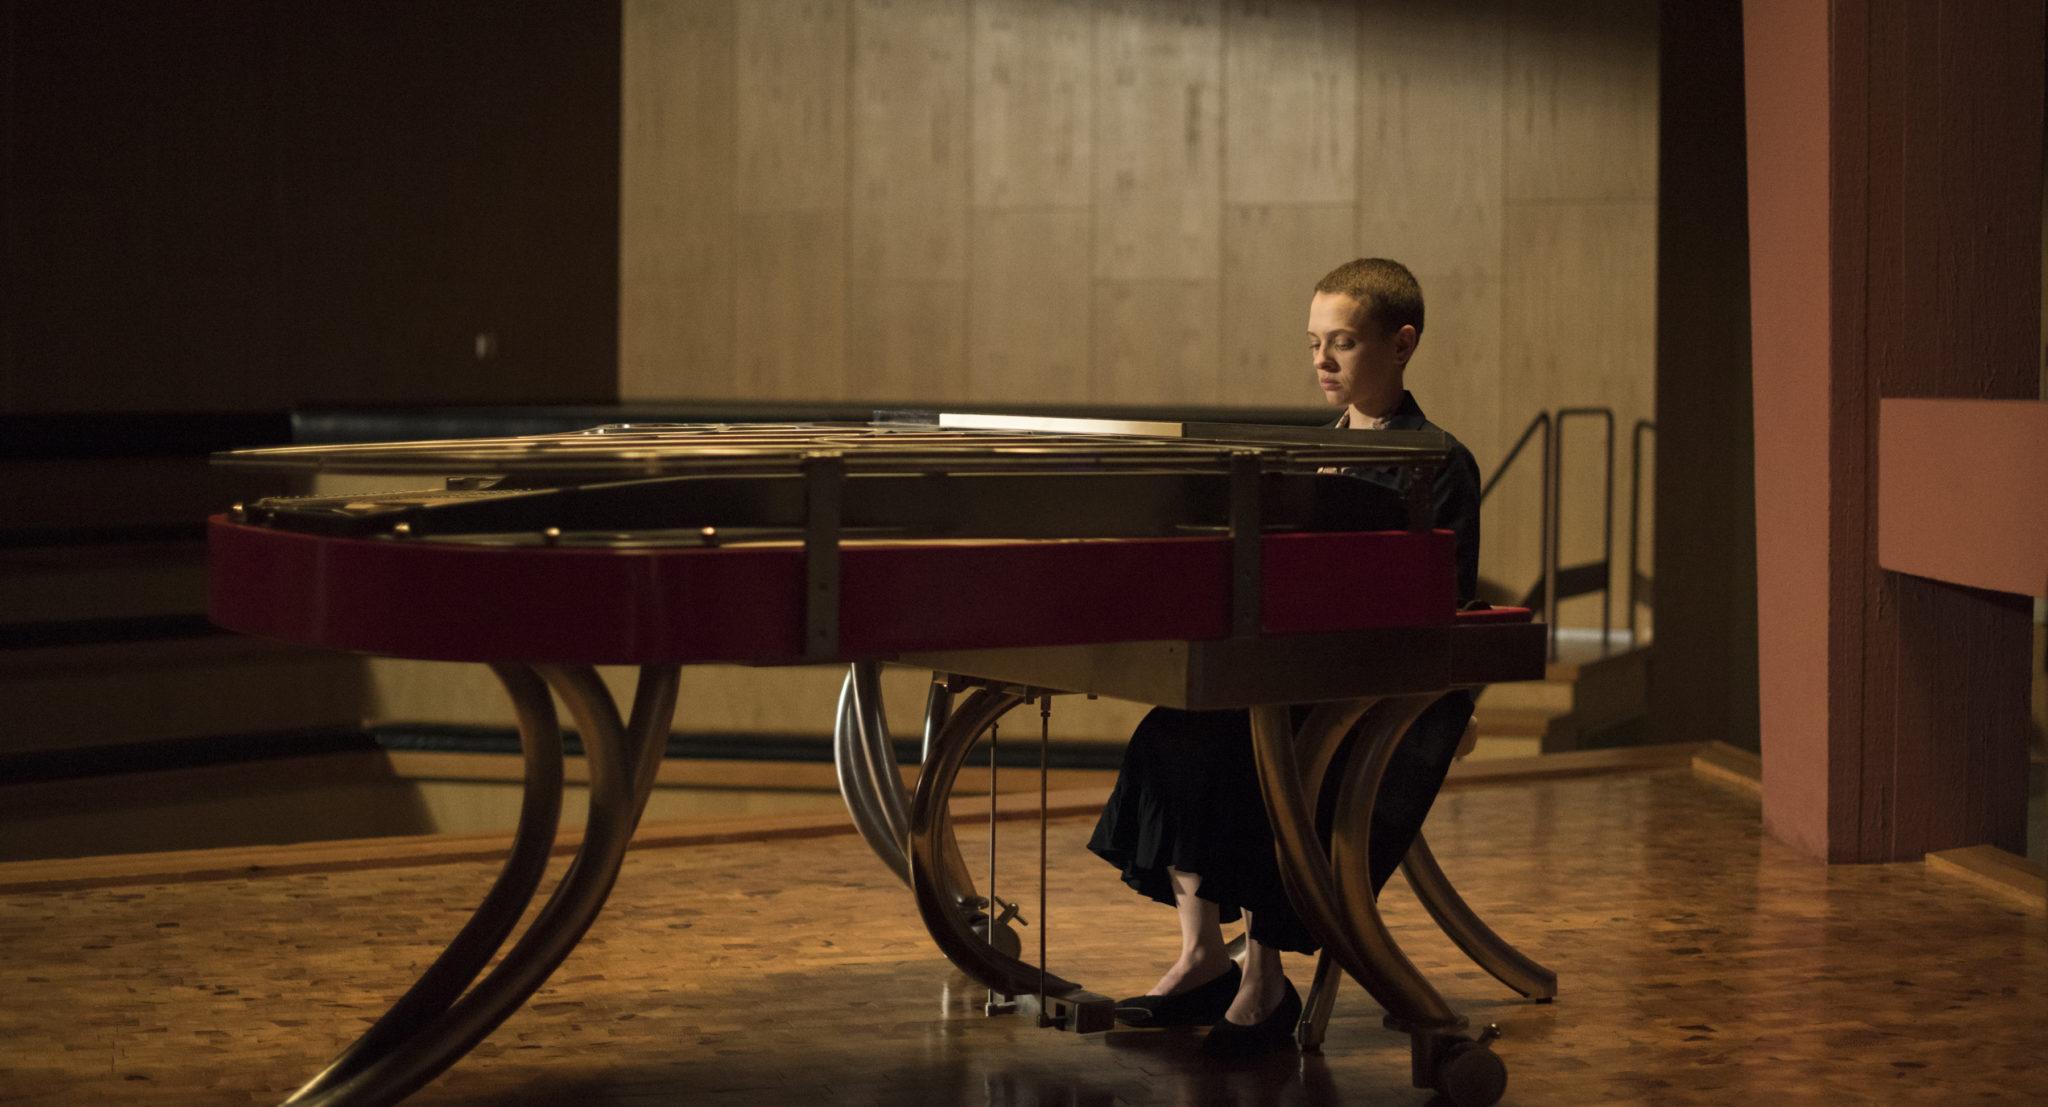 Esther am Klavier